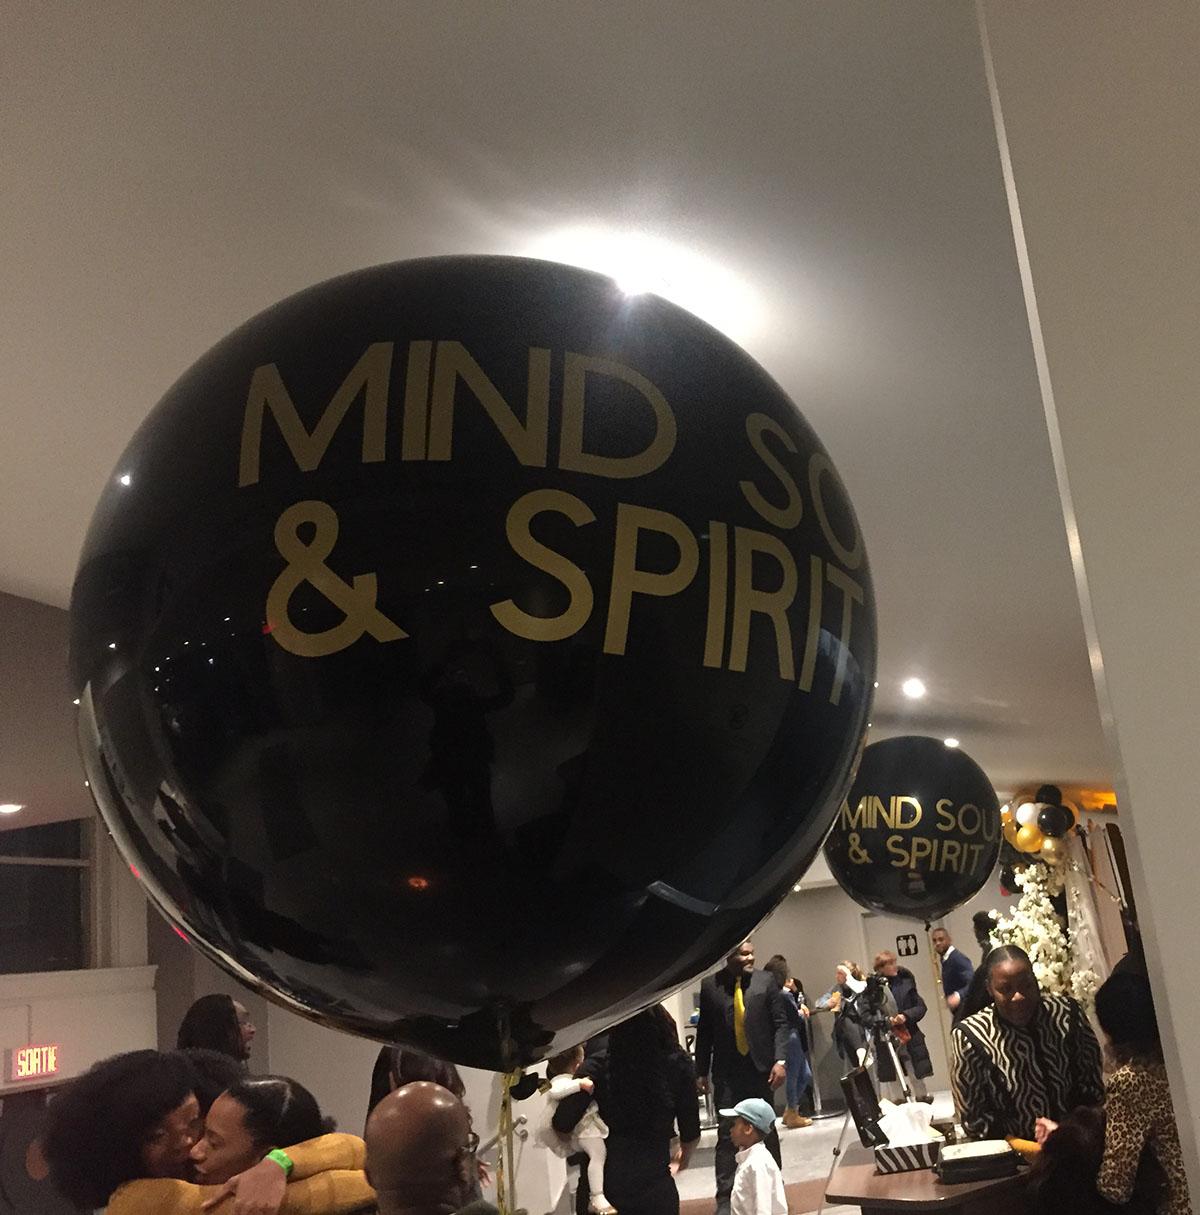 mindsoulspirit baloon